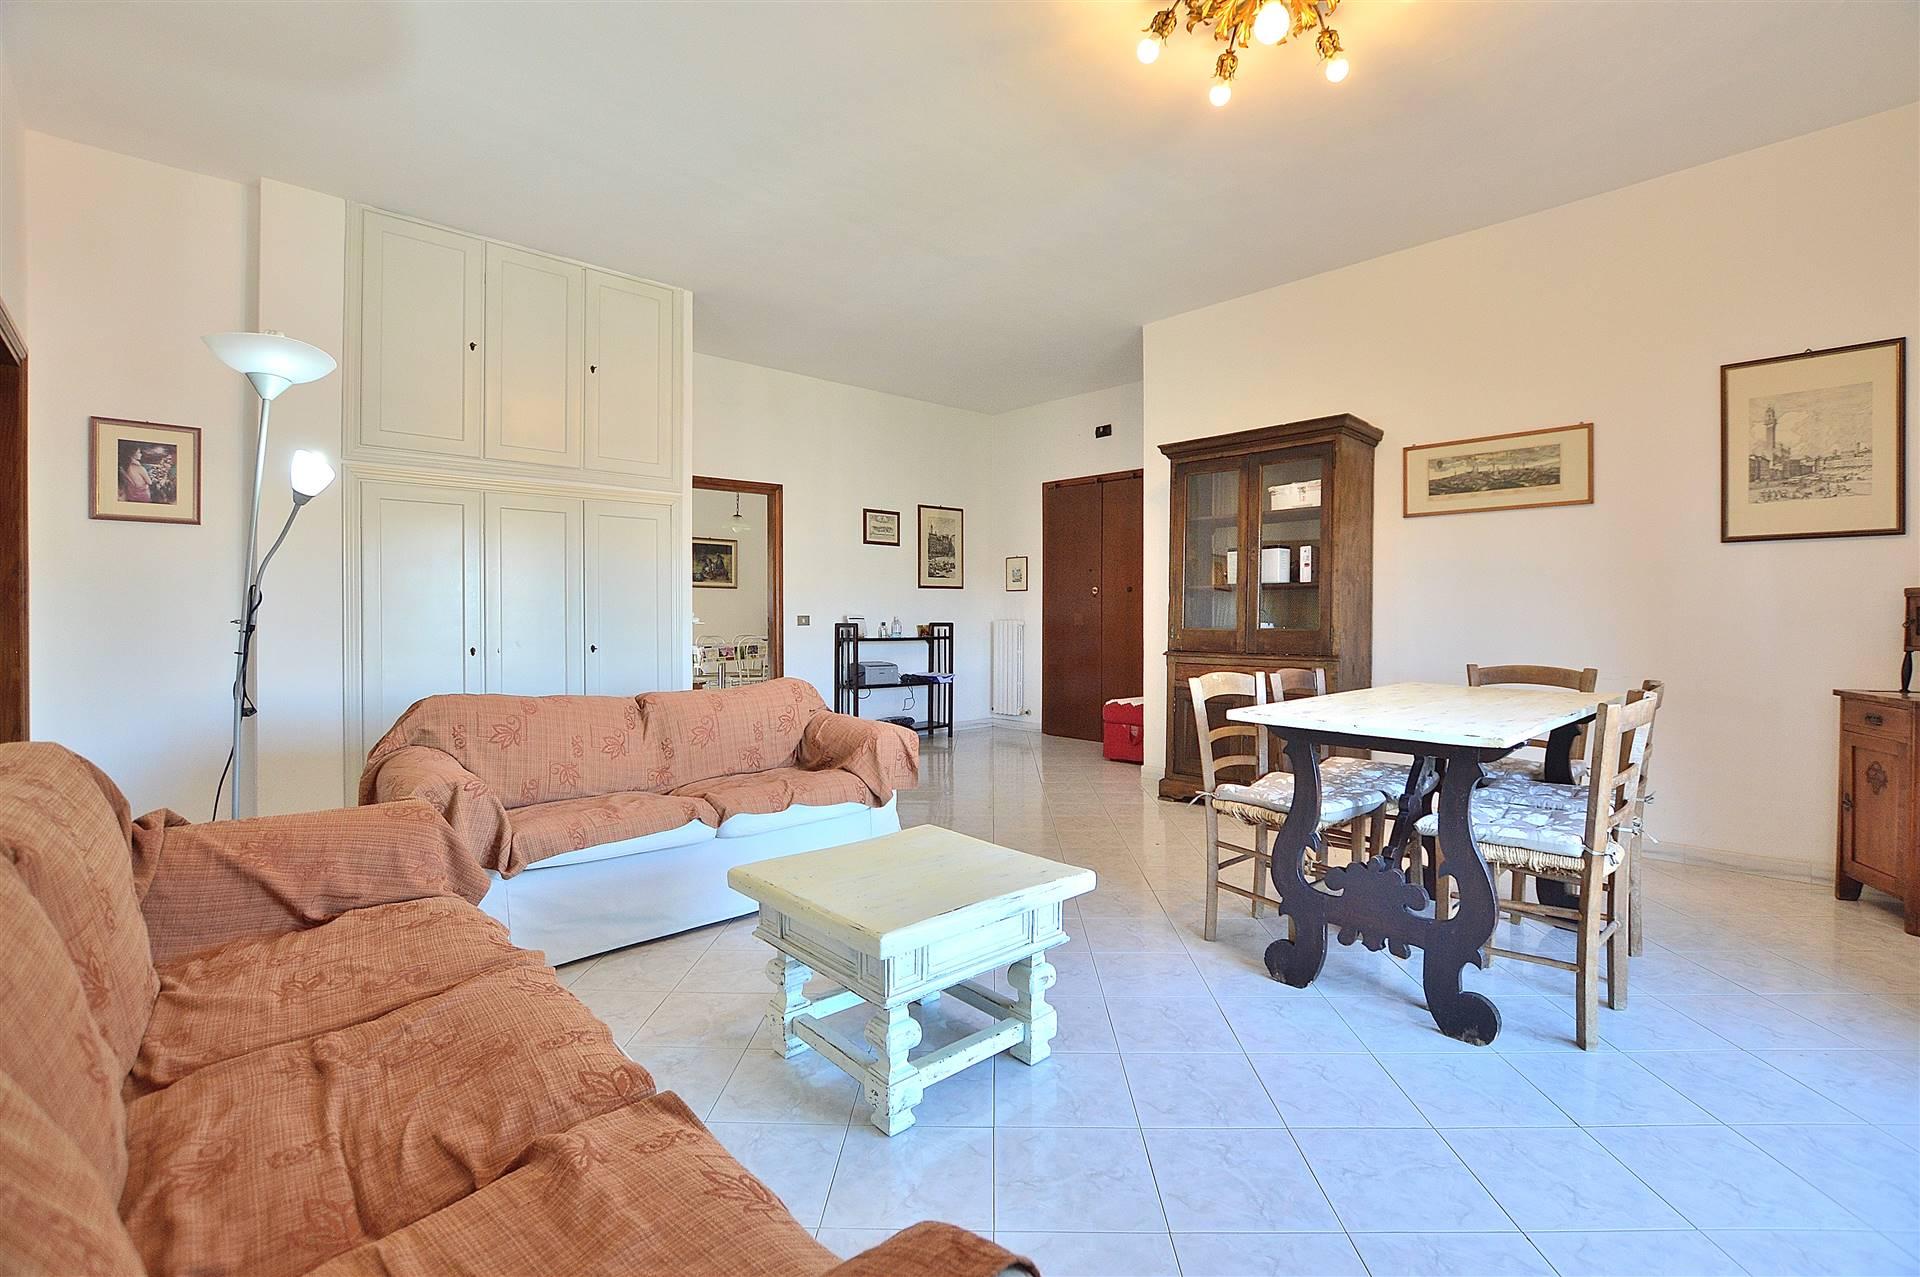 Zona Acquacalda, in piacevole contesto residenziale, proponiamo appartamento posto al quarto piano con ascensore all'interno di una palazzina in